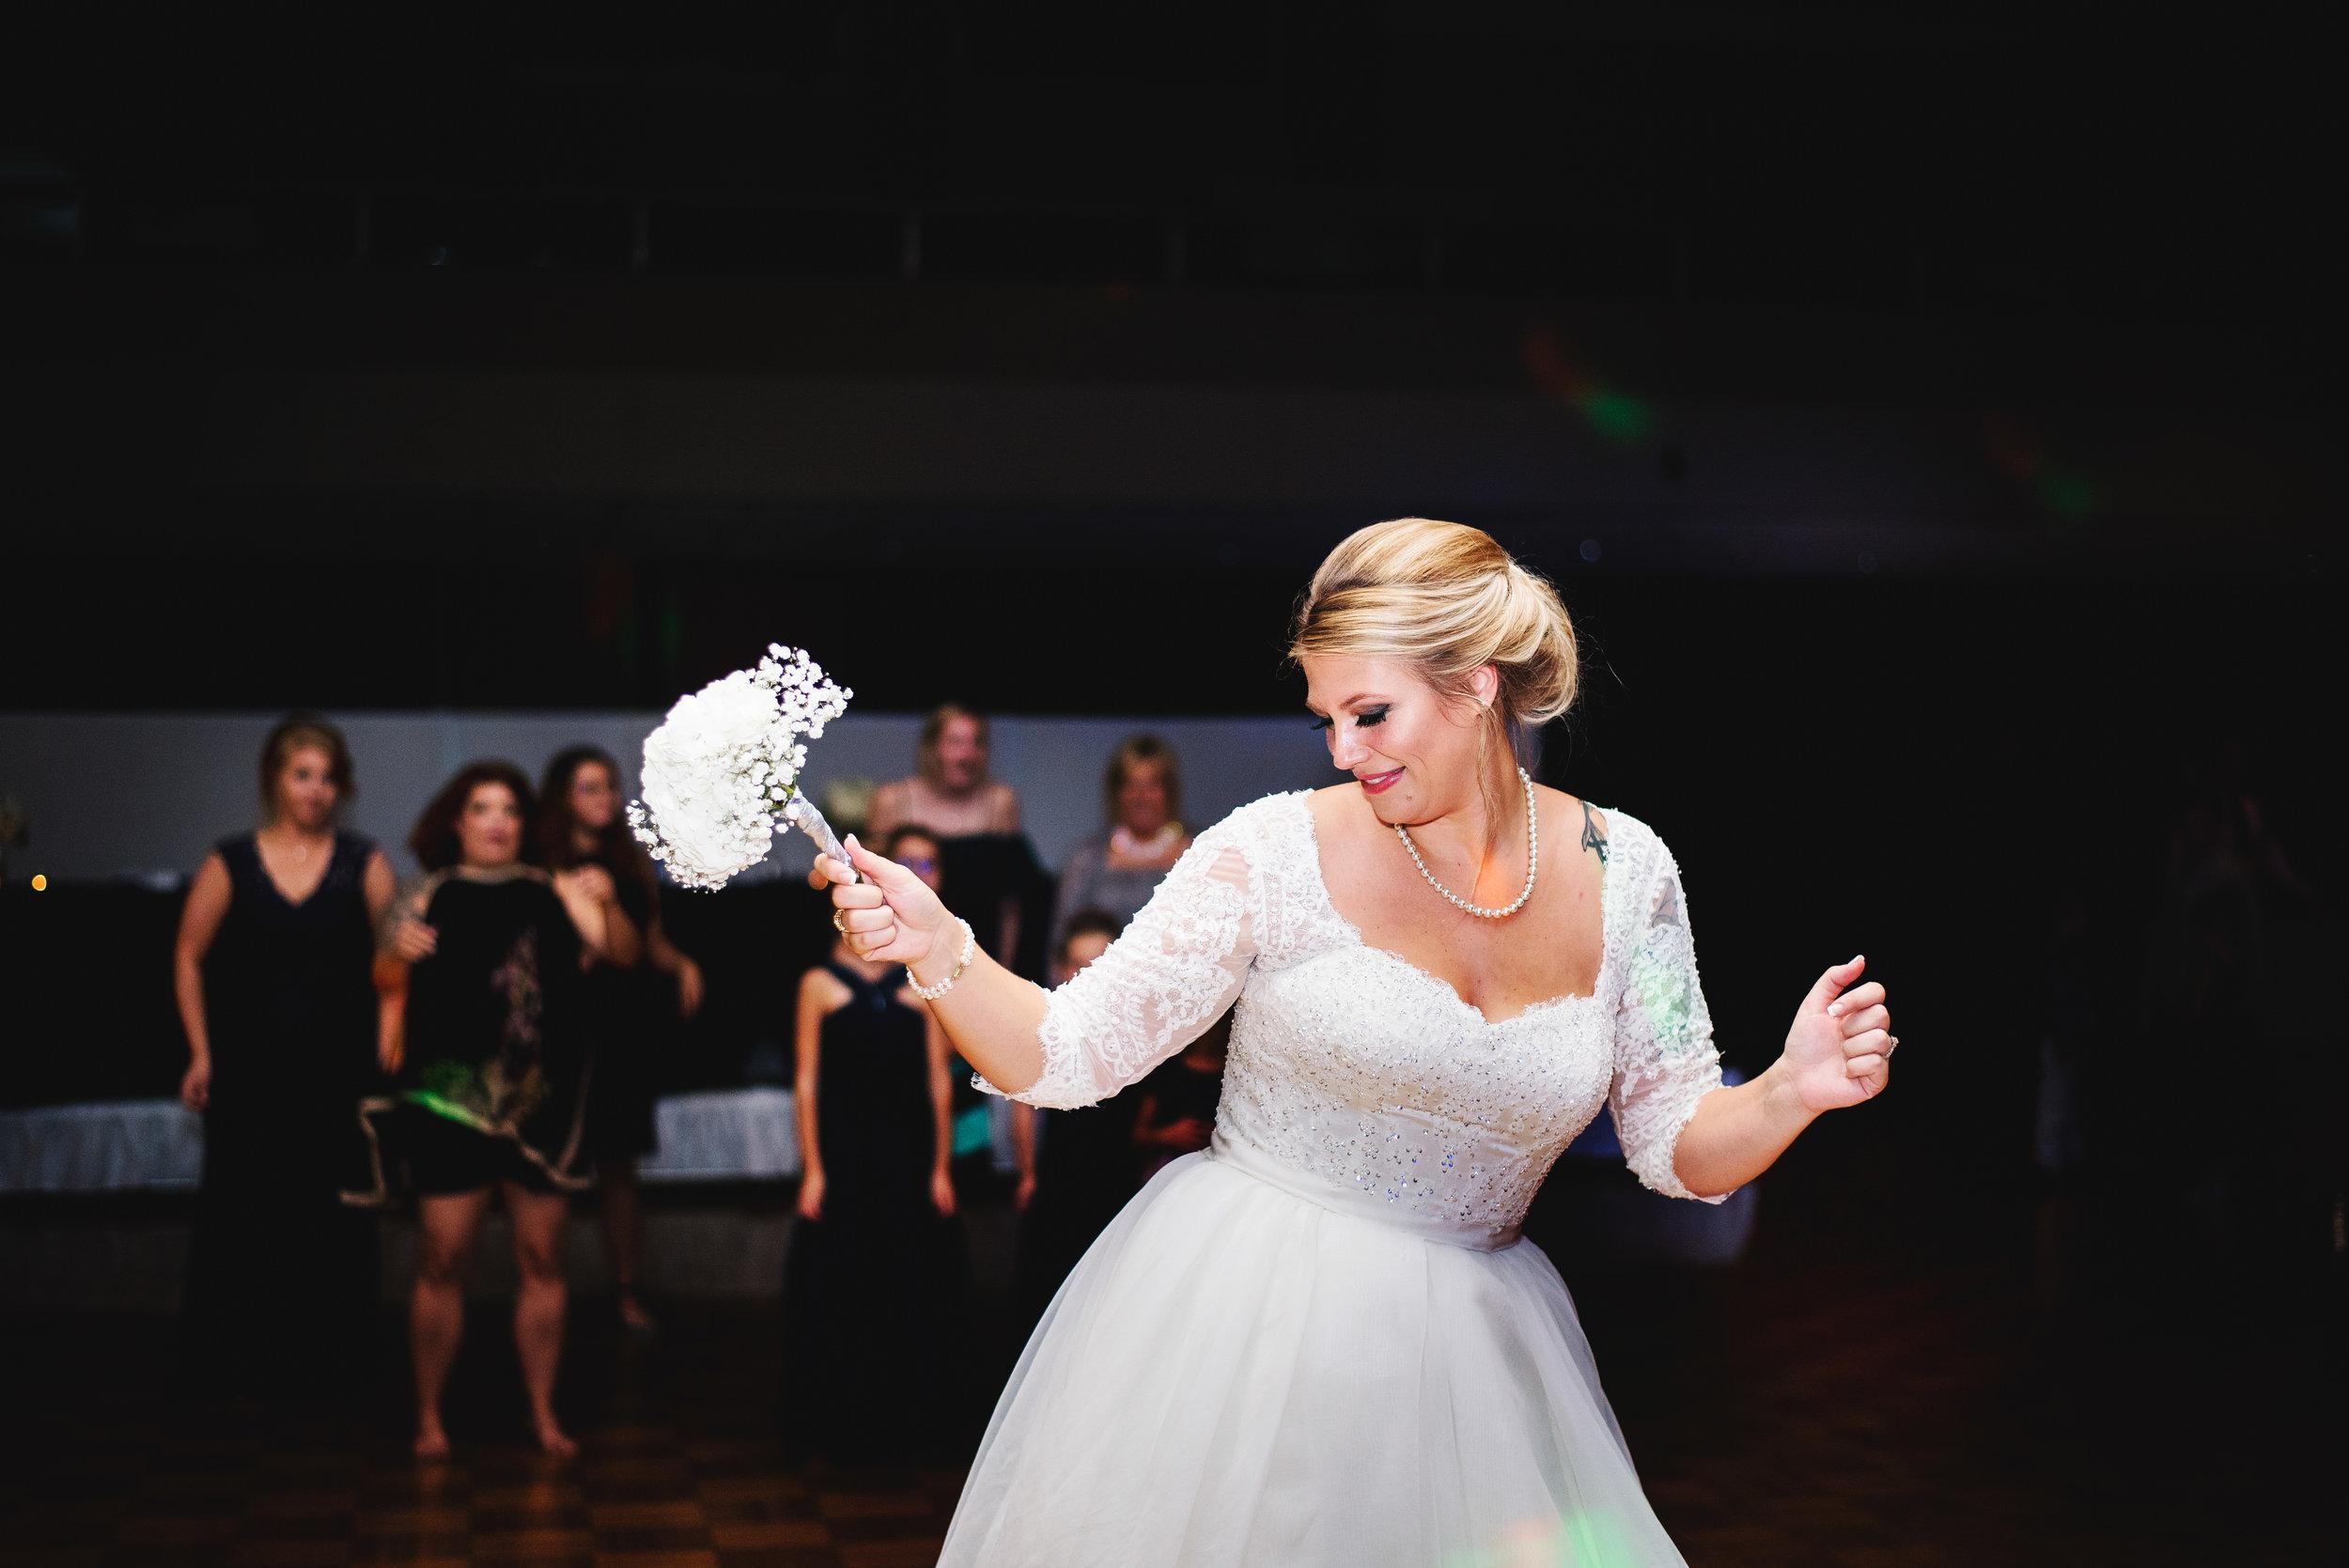 King-Northern-Illinois-University-Wedding163.jpg